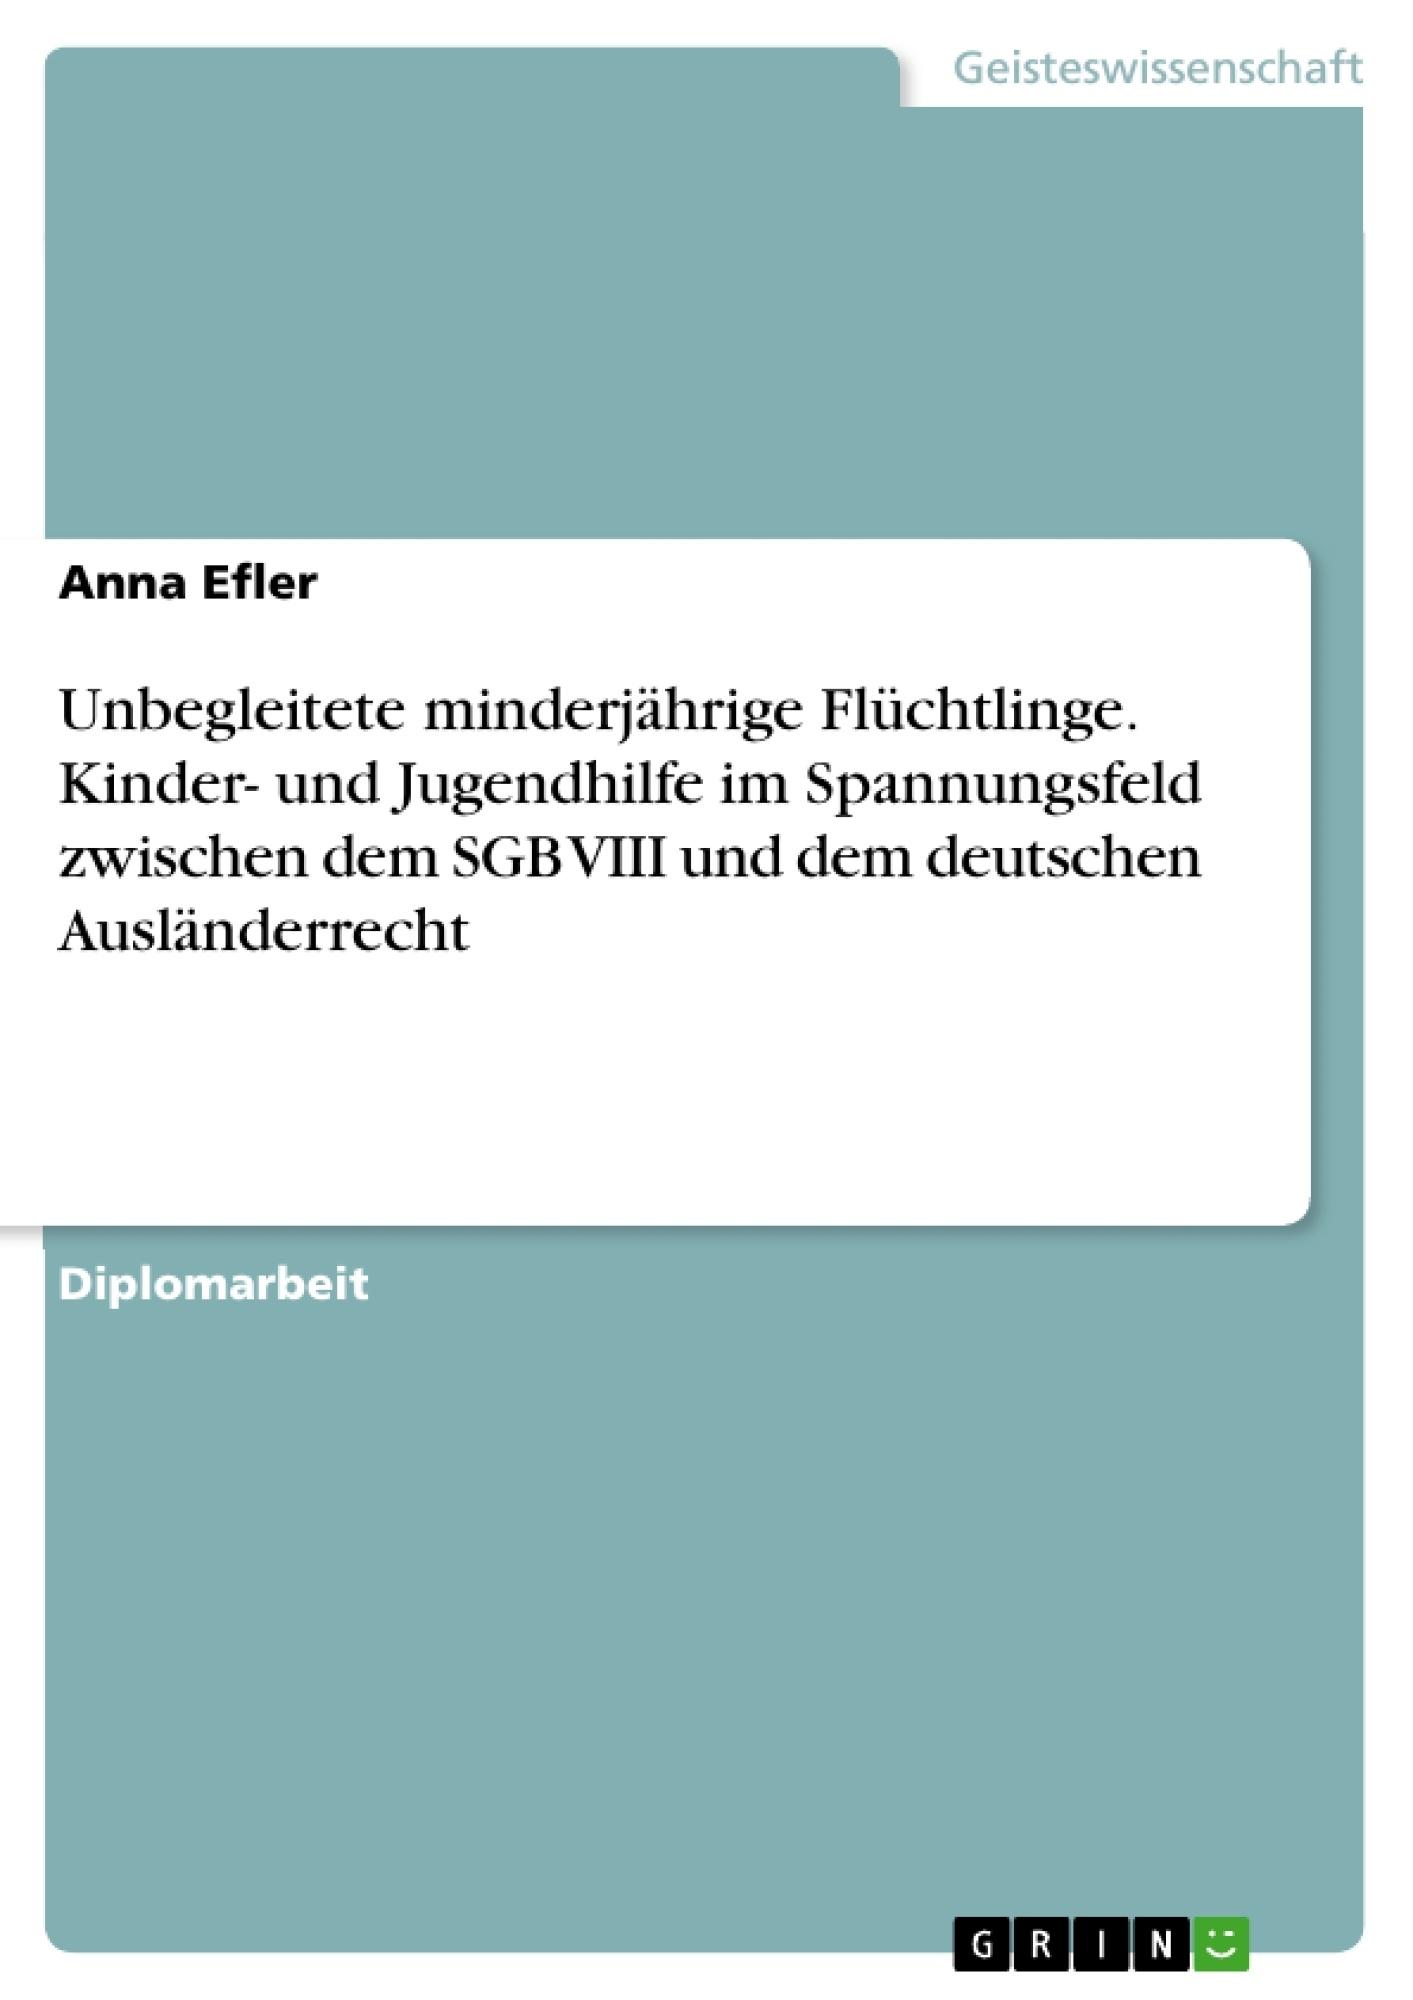 Titel: Unbegleitete minderjährige Flüchtlinge. Kinder- und Jugendhilfe im Spannungsfeld zwischen dem SGB VIII und dem deutschen Ausländerrecht